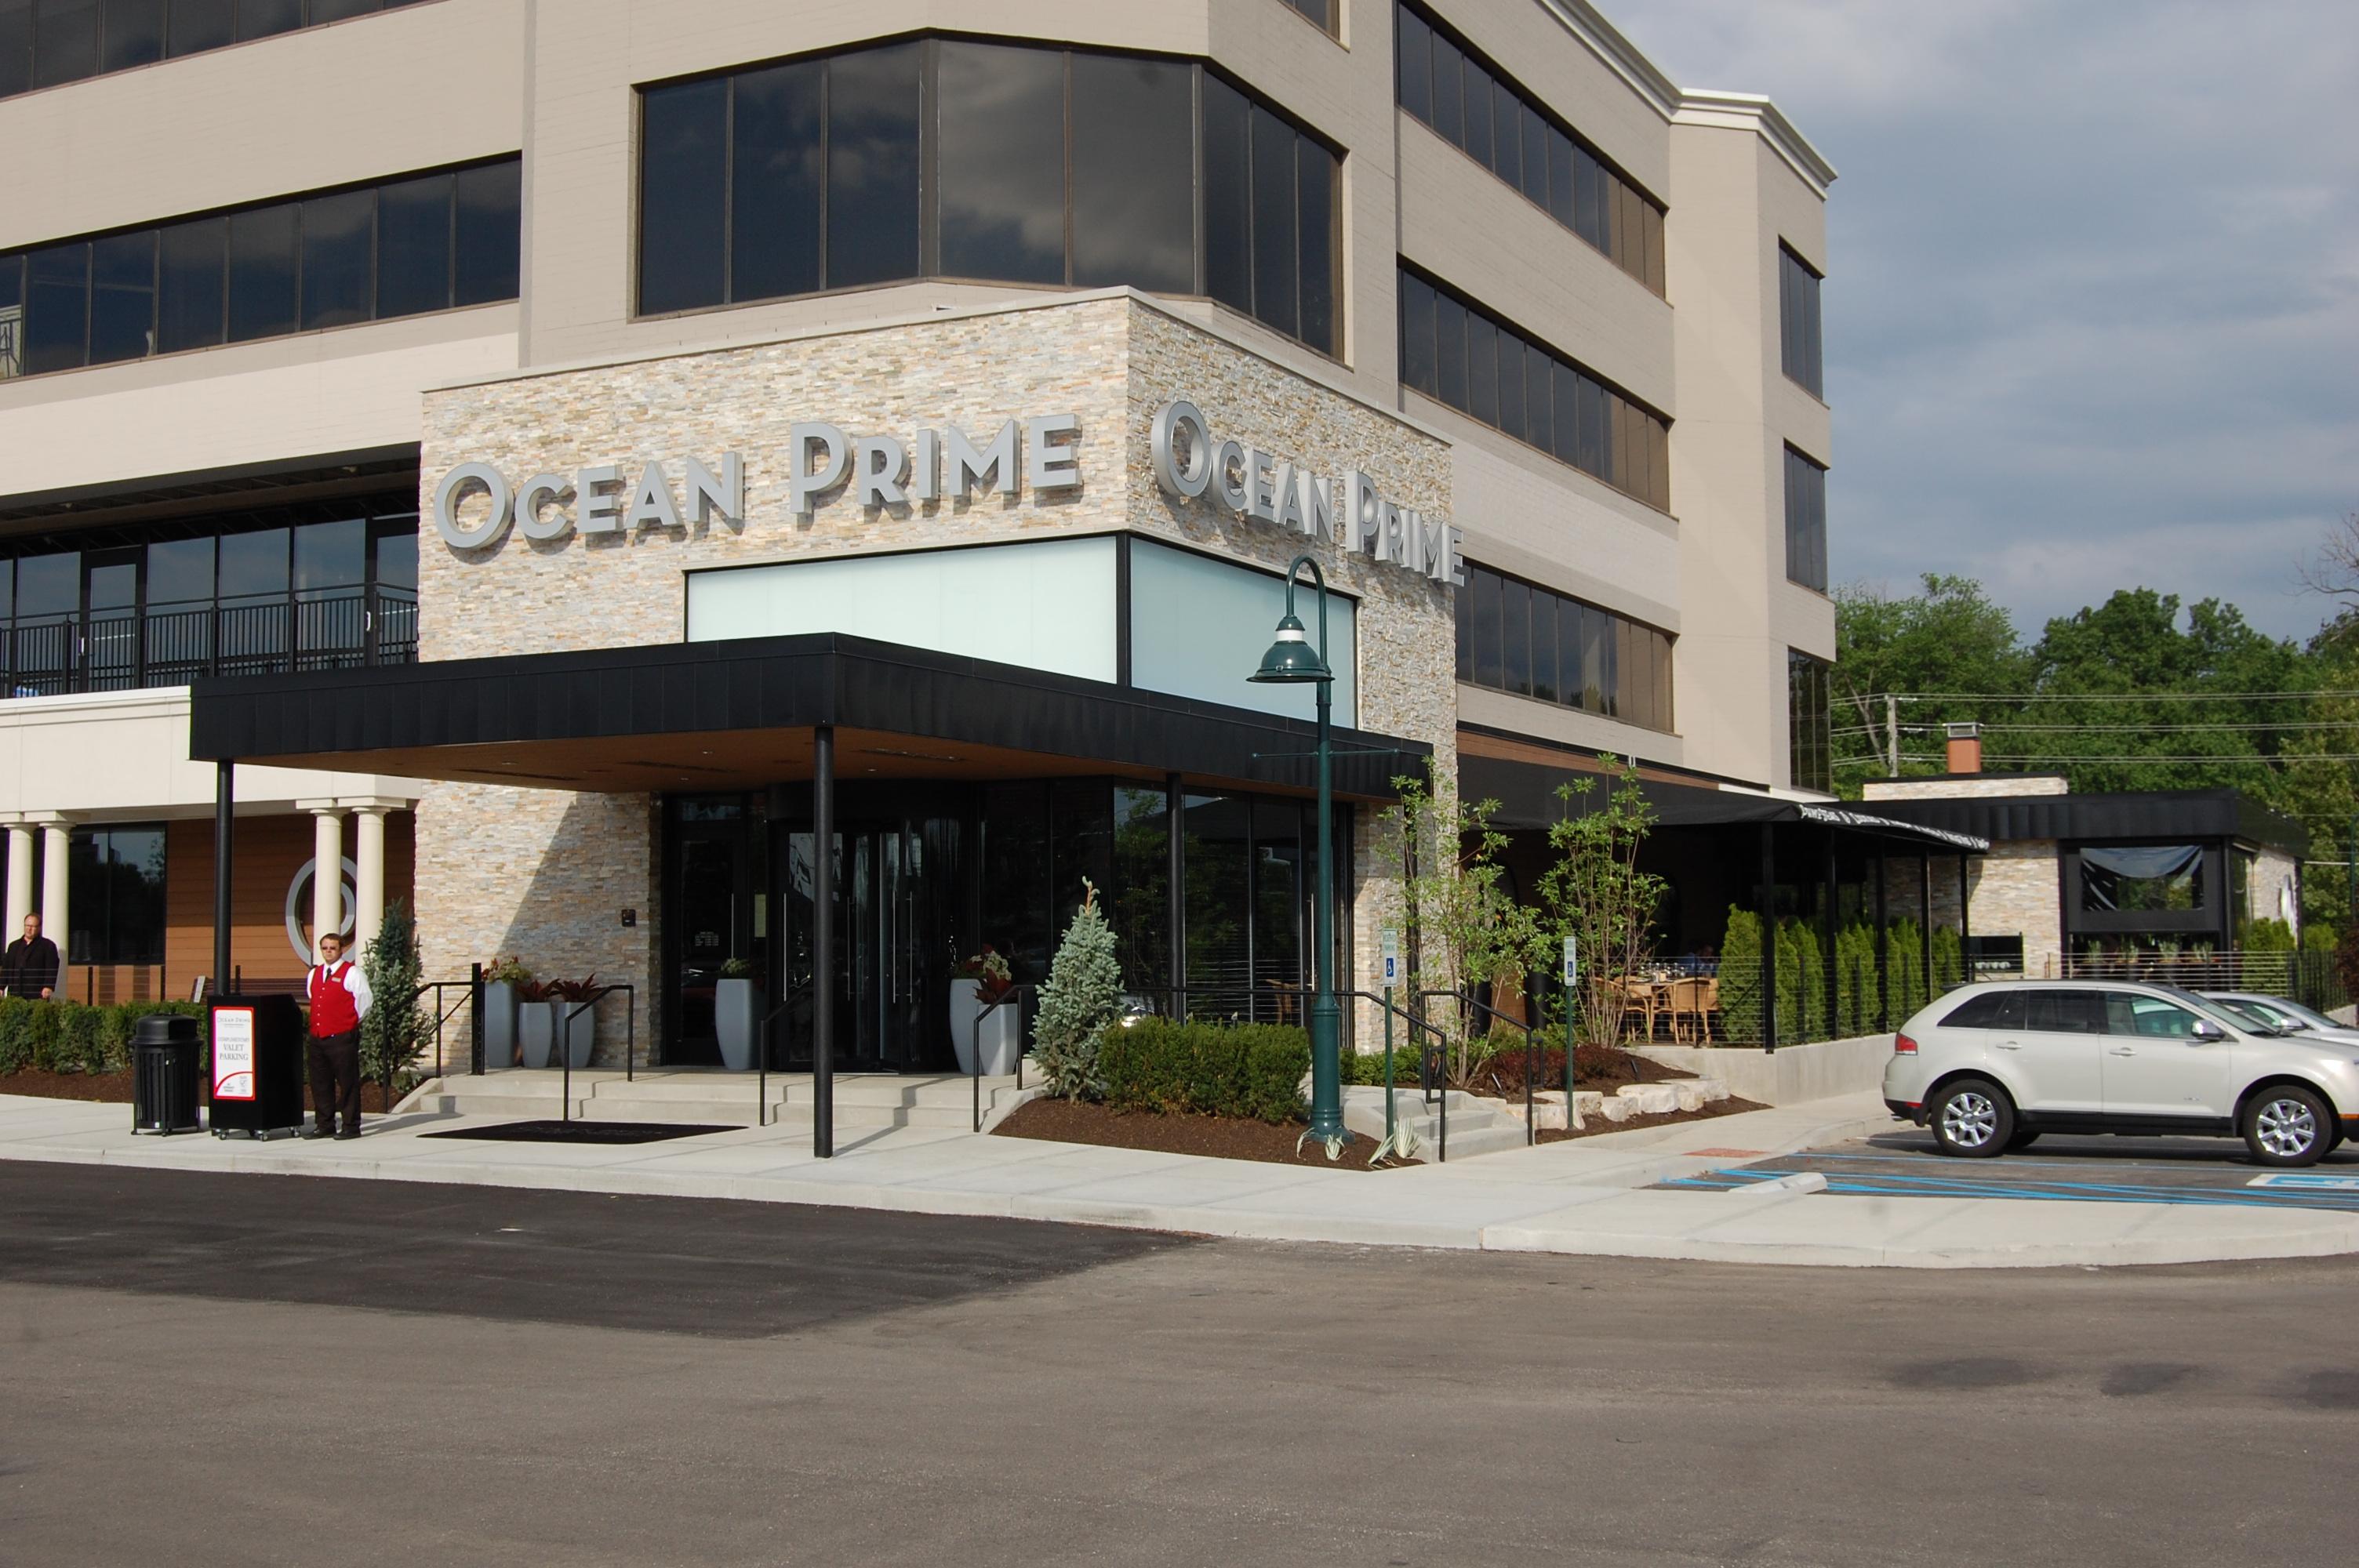 The Ocean Prime restaurant in Indianapolis. (Photo: Ocean Prime)